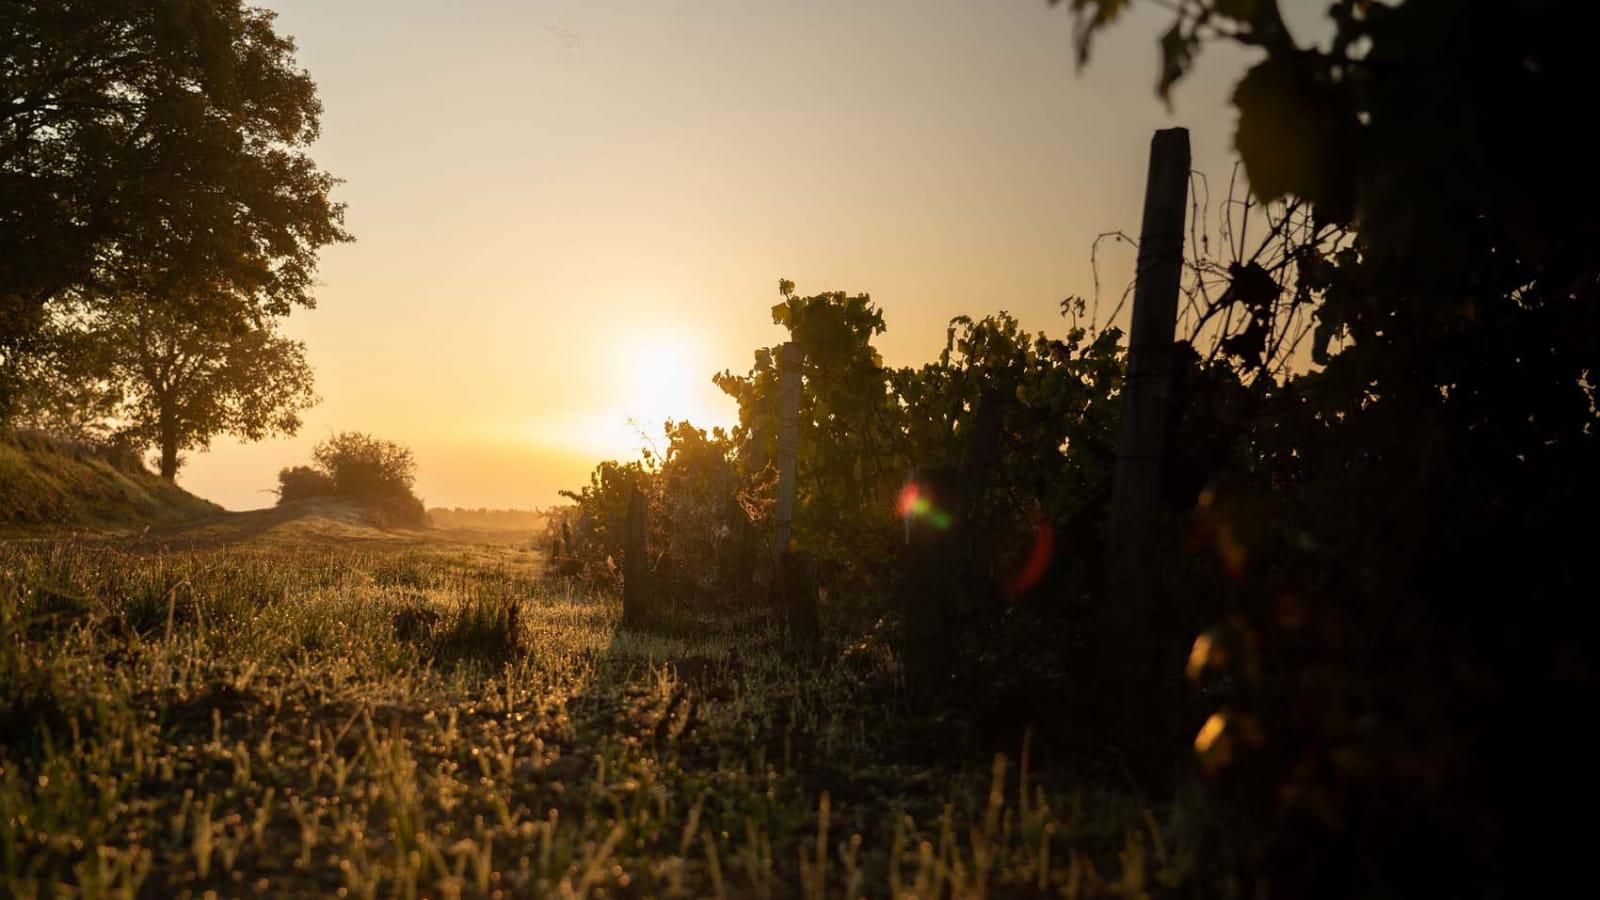 Lever de soleil sur une parcelle de vignes